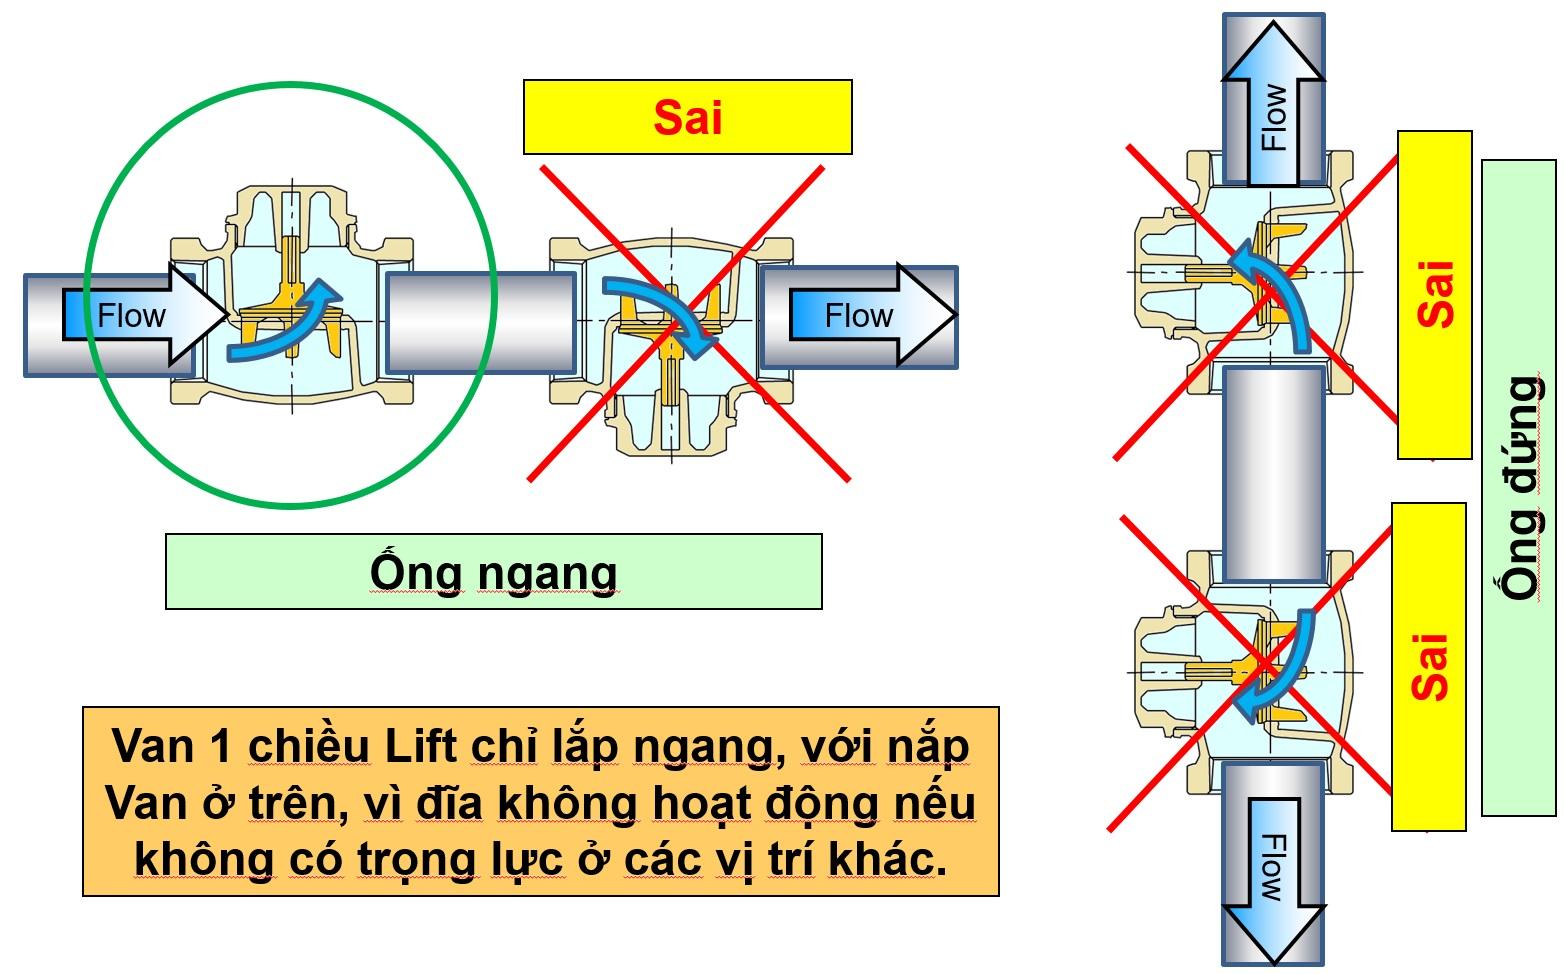 Cách lắp đặt van 1 chiều inox cho hơi nóng